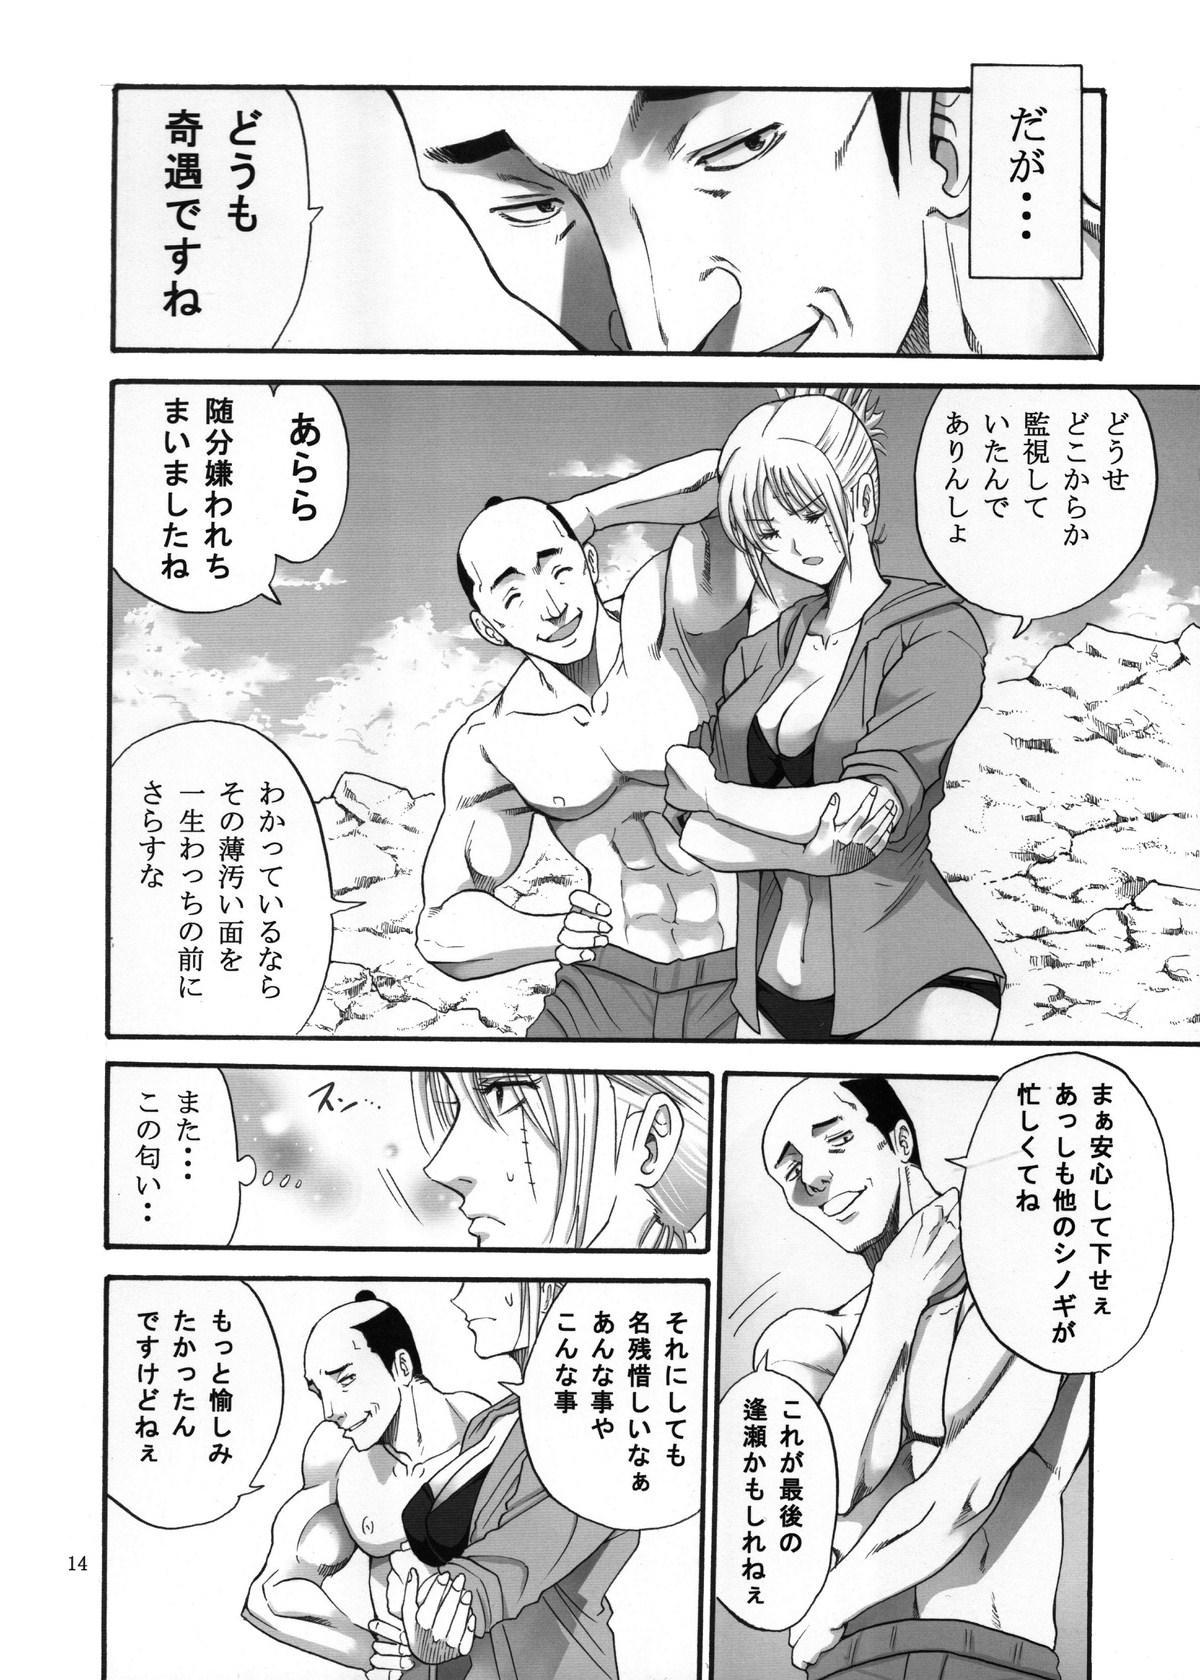 Tsukuyo-san ga Iyarashii Koto o Sarete Shimau Hanashi 3 13